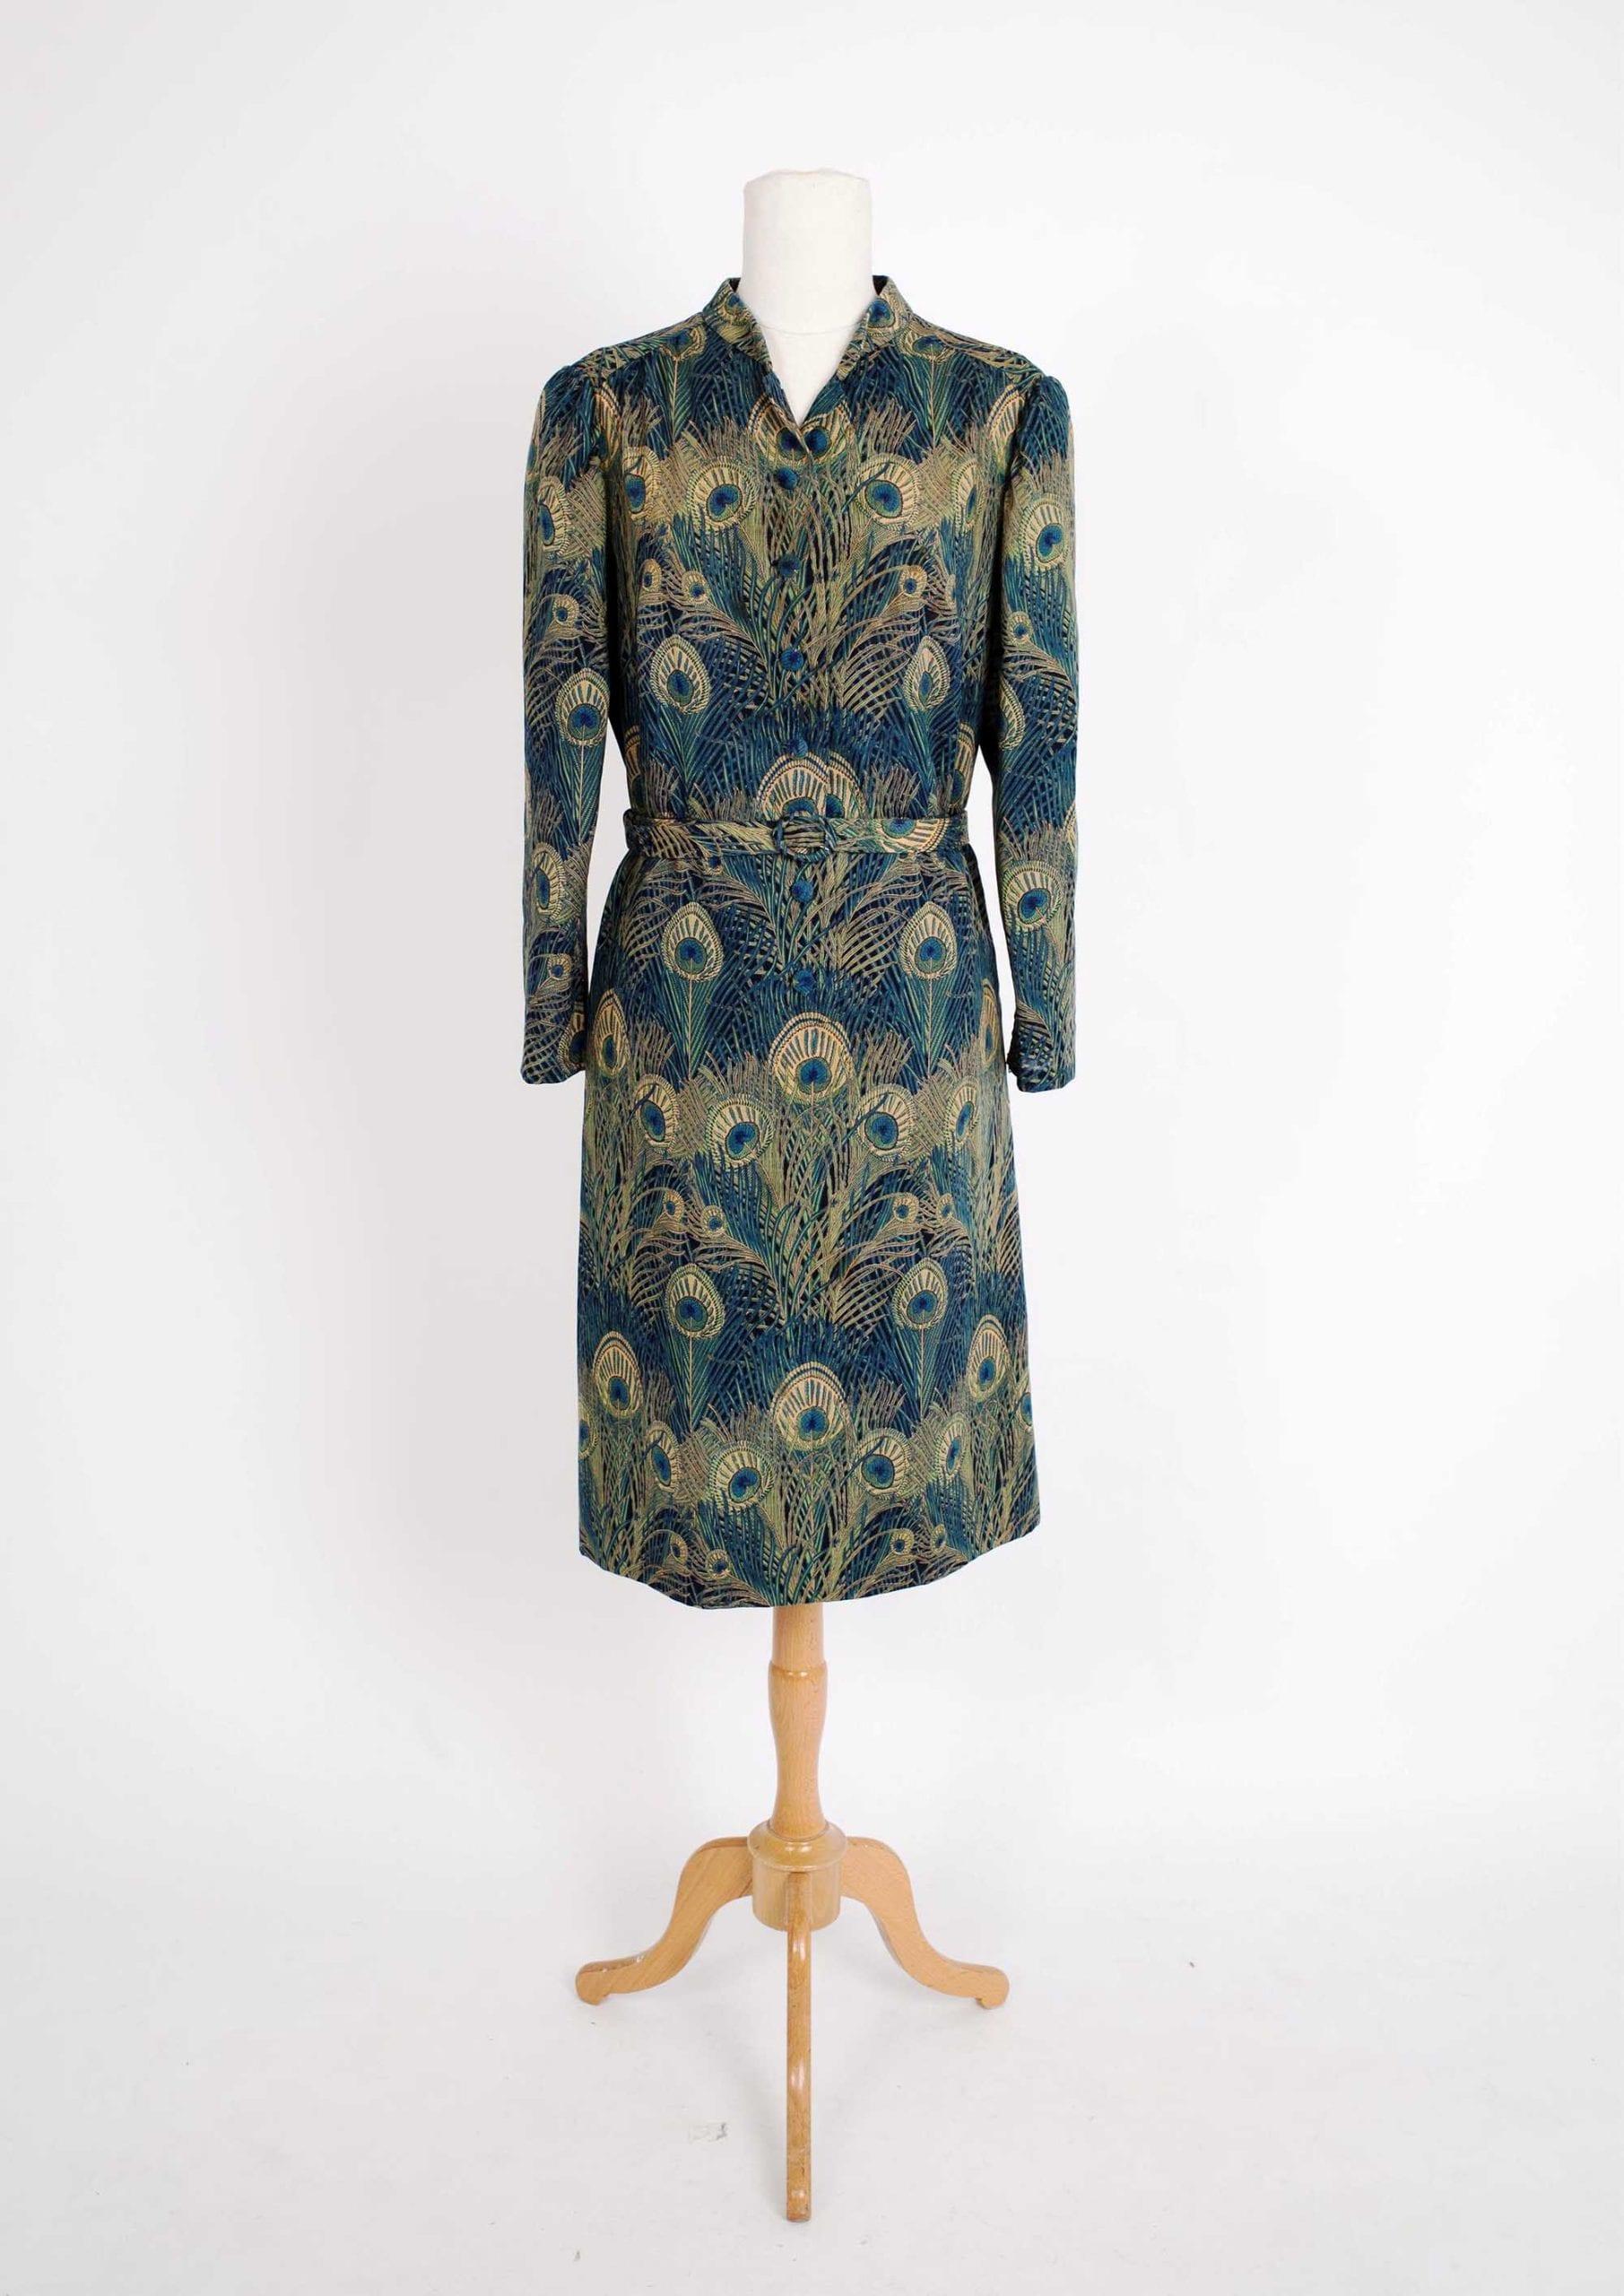 אופנה, שמלת טווס לולה בר מאוסף שנרא צילום לי ברבו